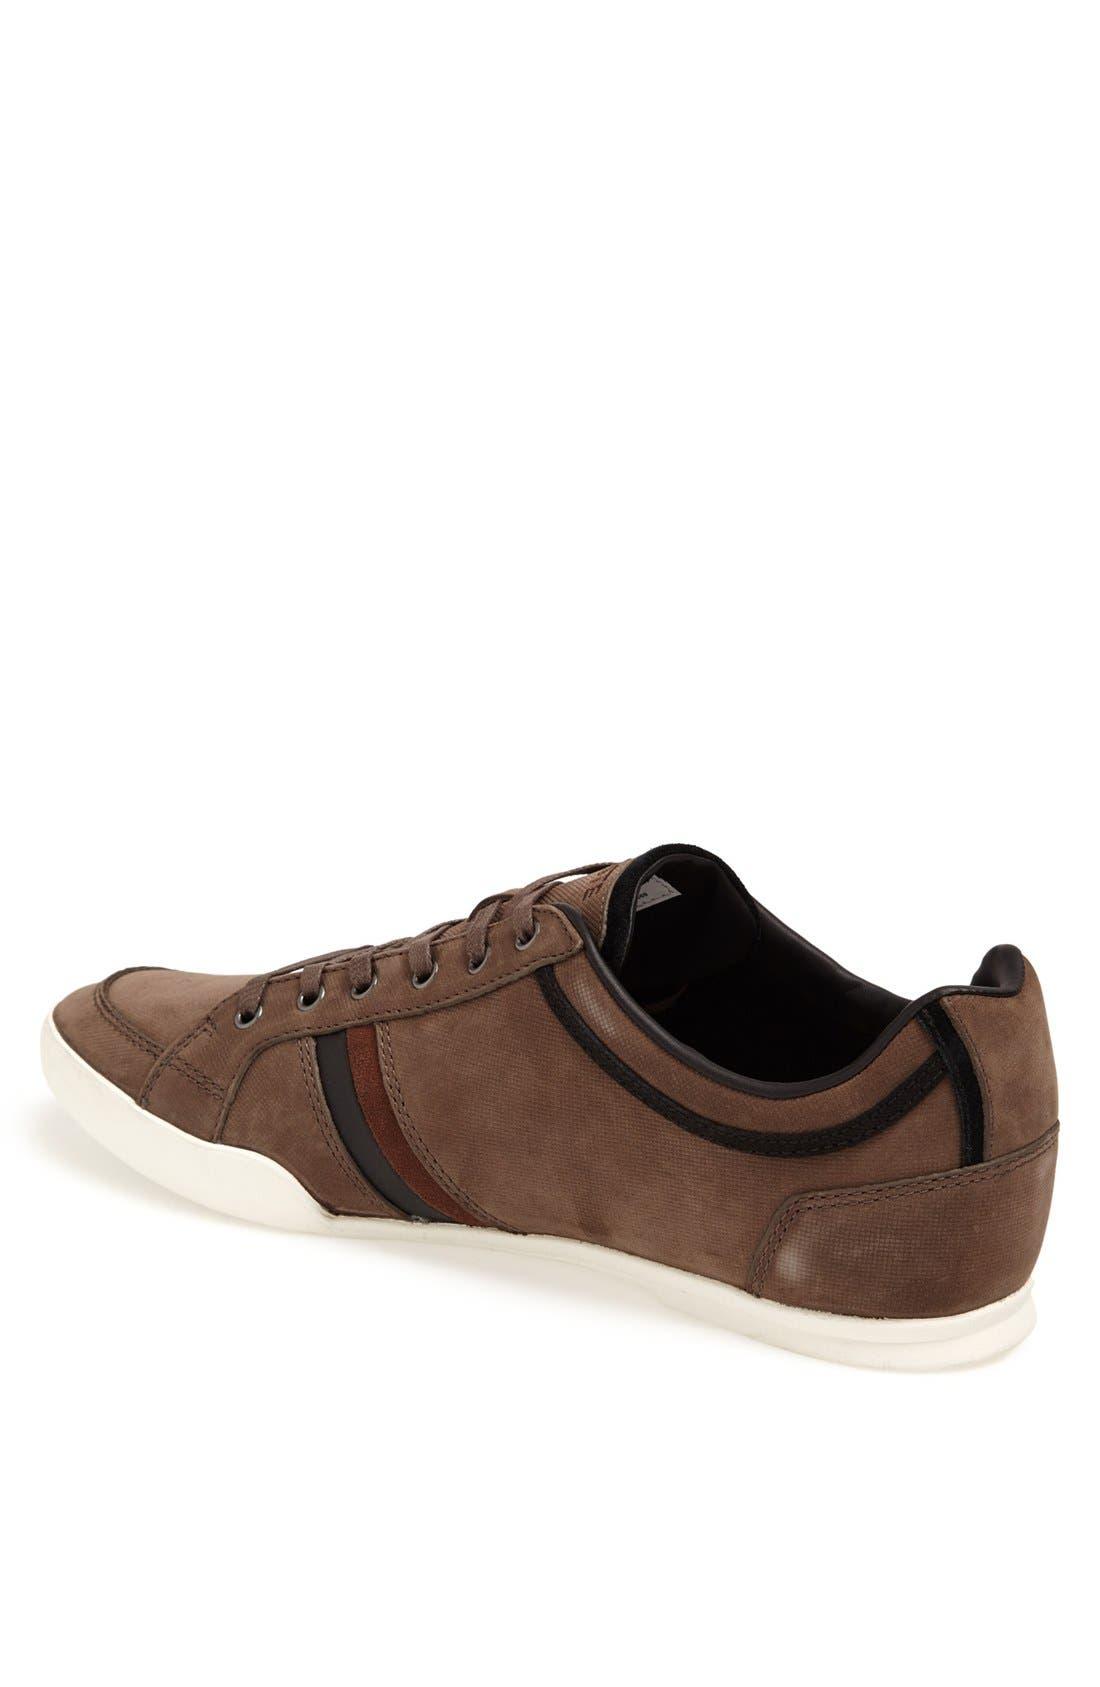 Alternate Image 2  - Lacoste 'Rayford 4' Sneaker (Men)